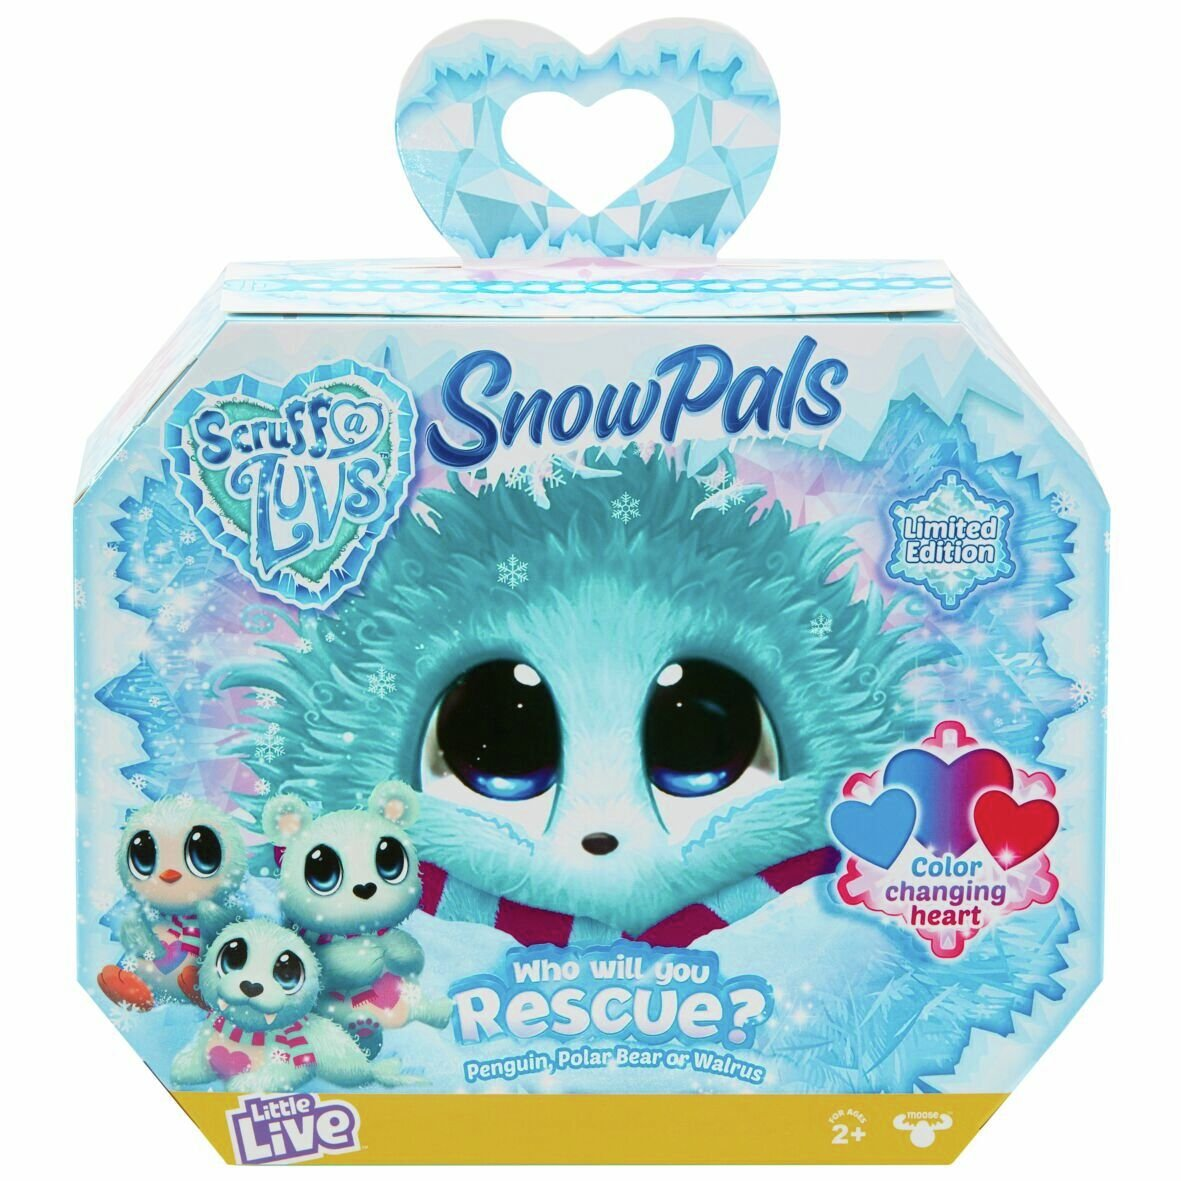 Scruff a Luvs Rescue Pet Surprise Soft Toy - Snow Pals